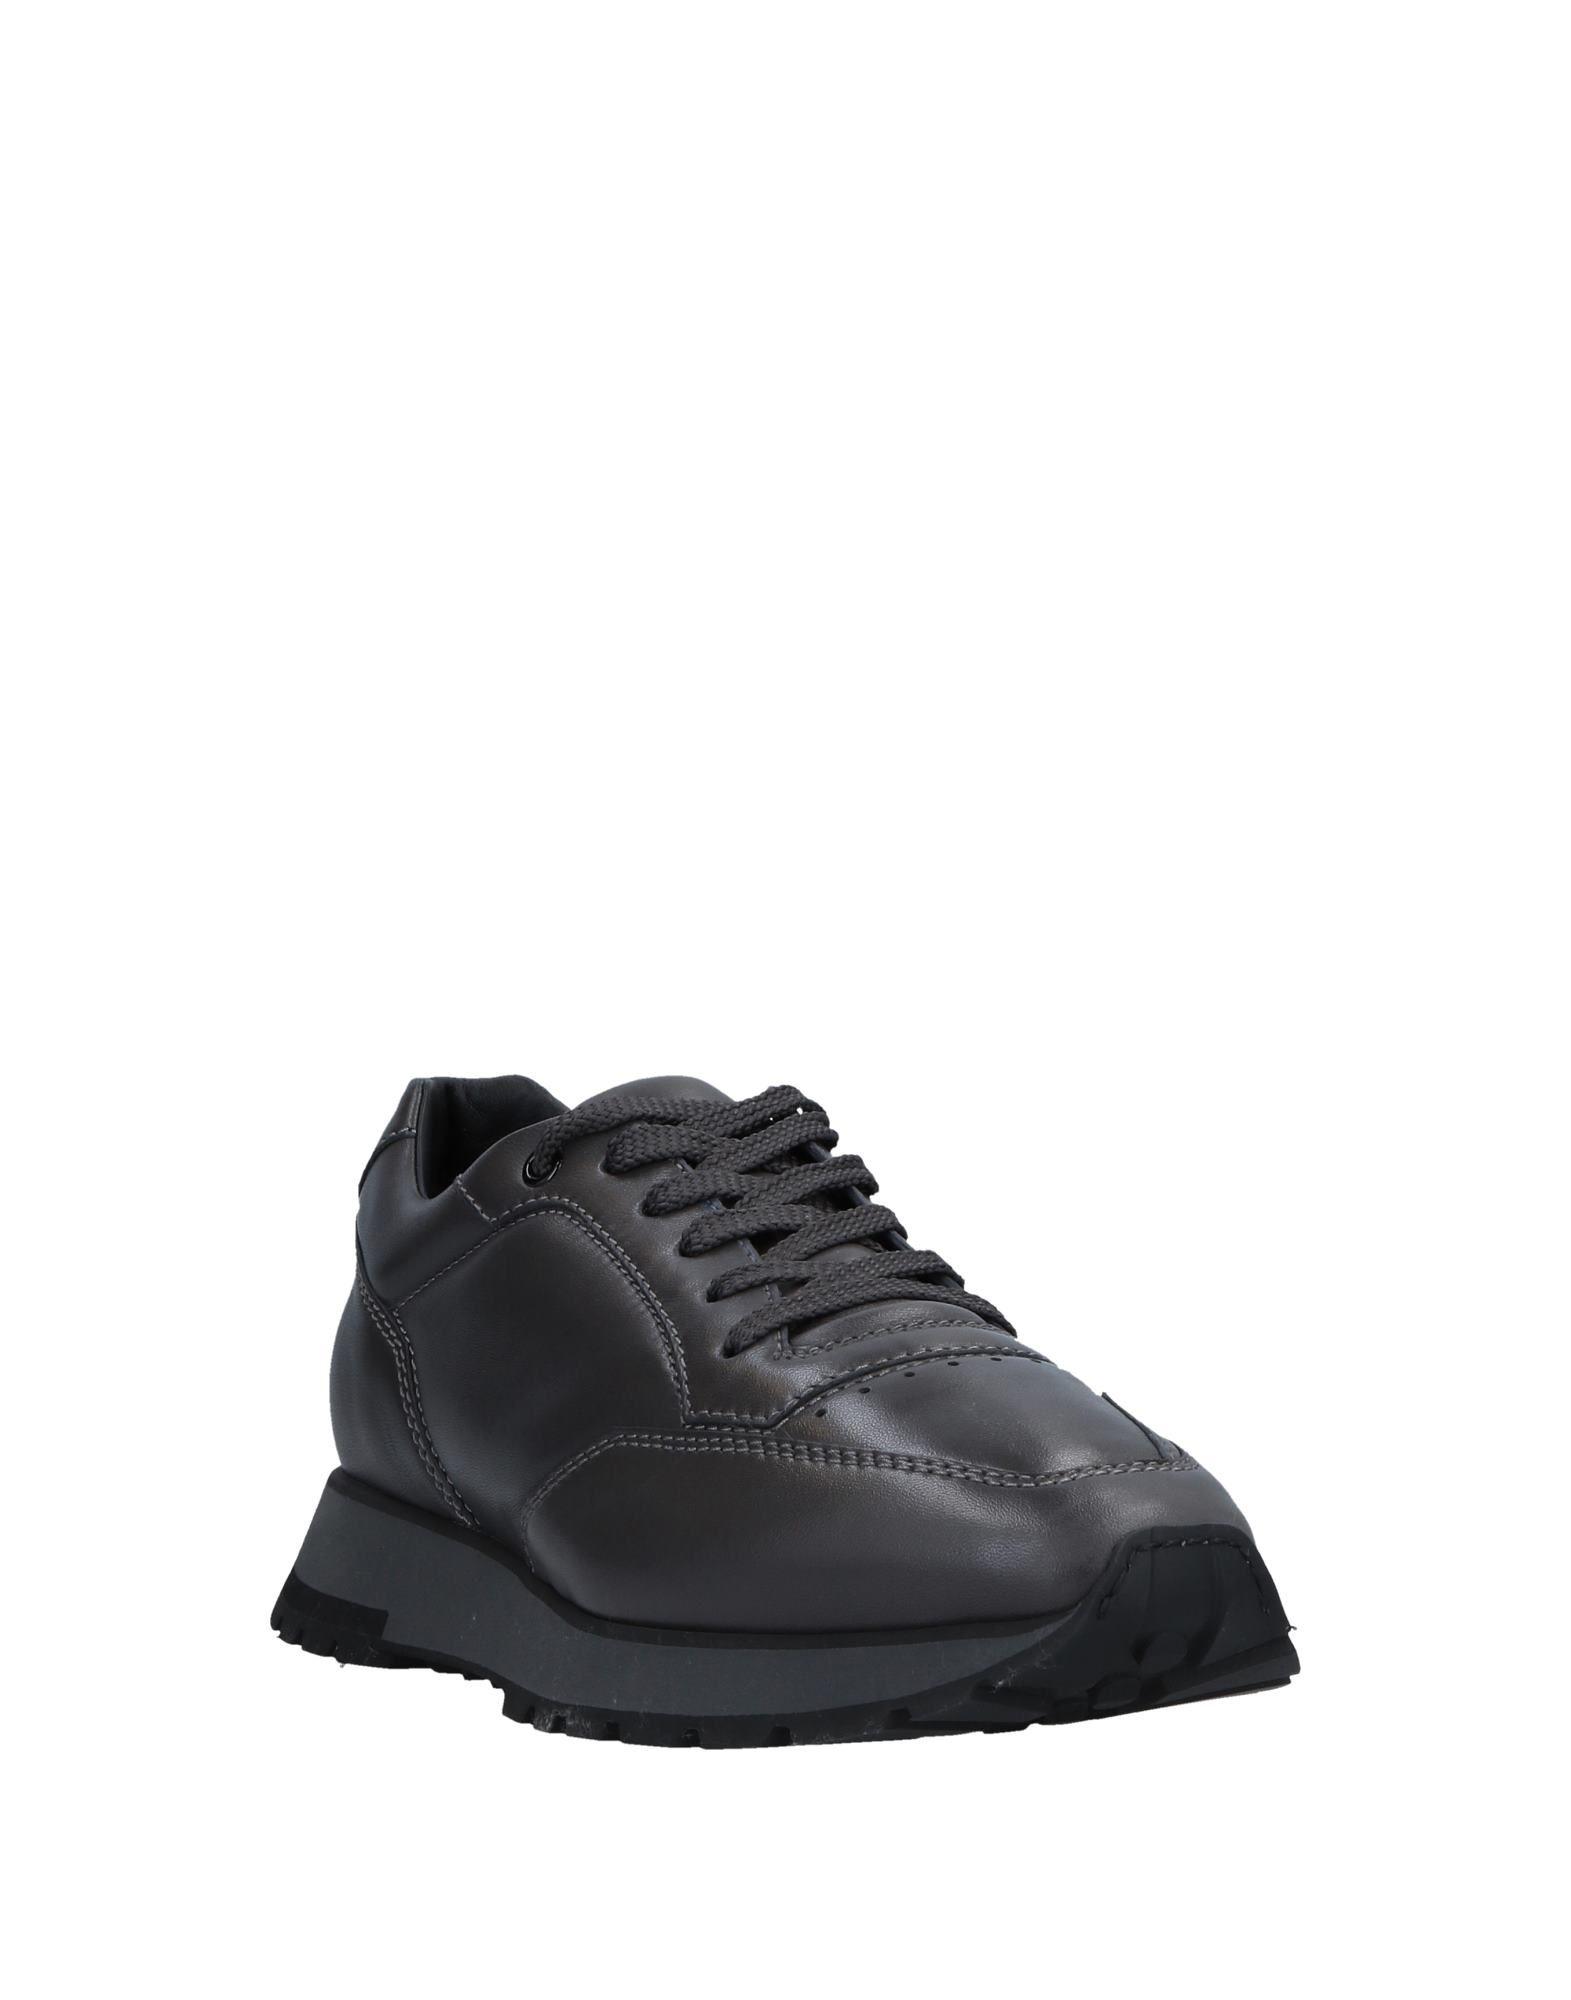 Santoni Sneakers Herren Herren Herren  11540109RB Gute Qualität beliebte Schuhe 483a5e